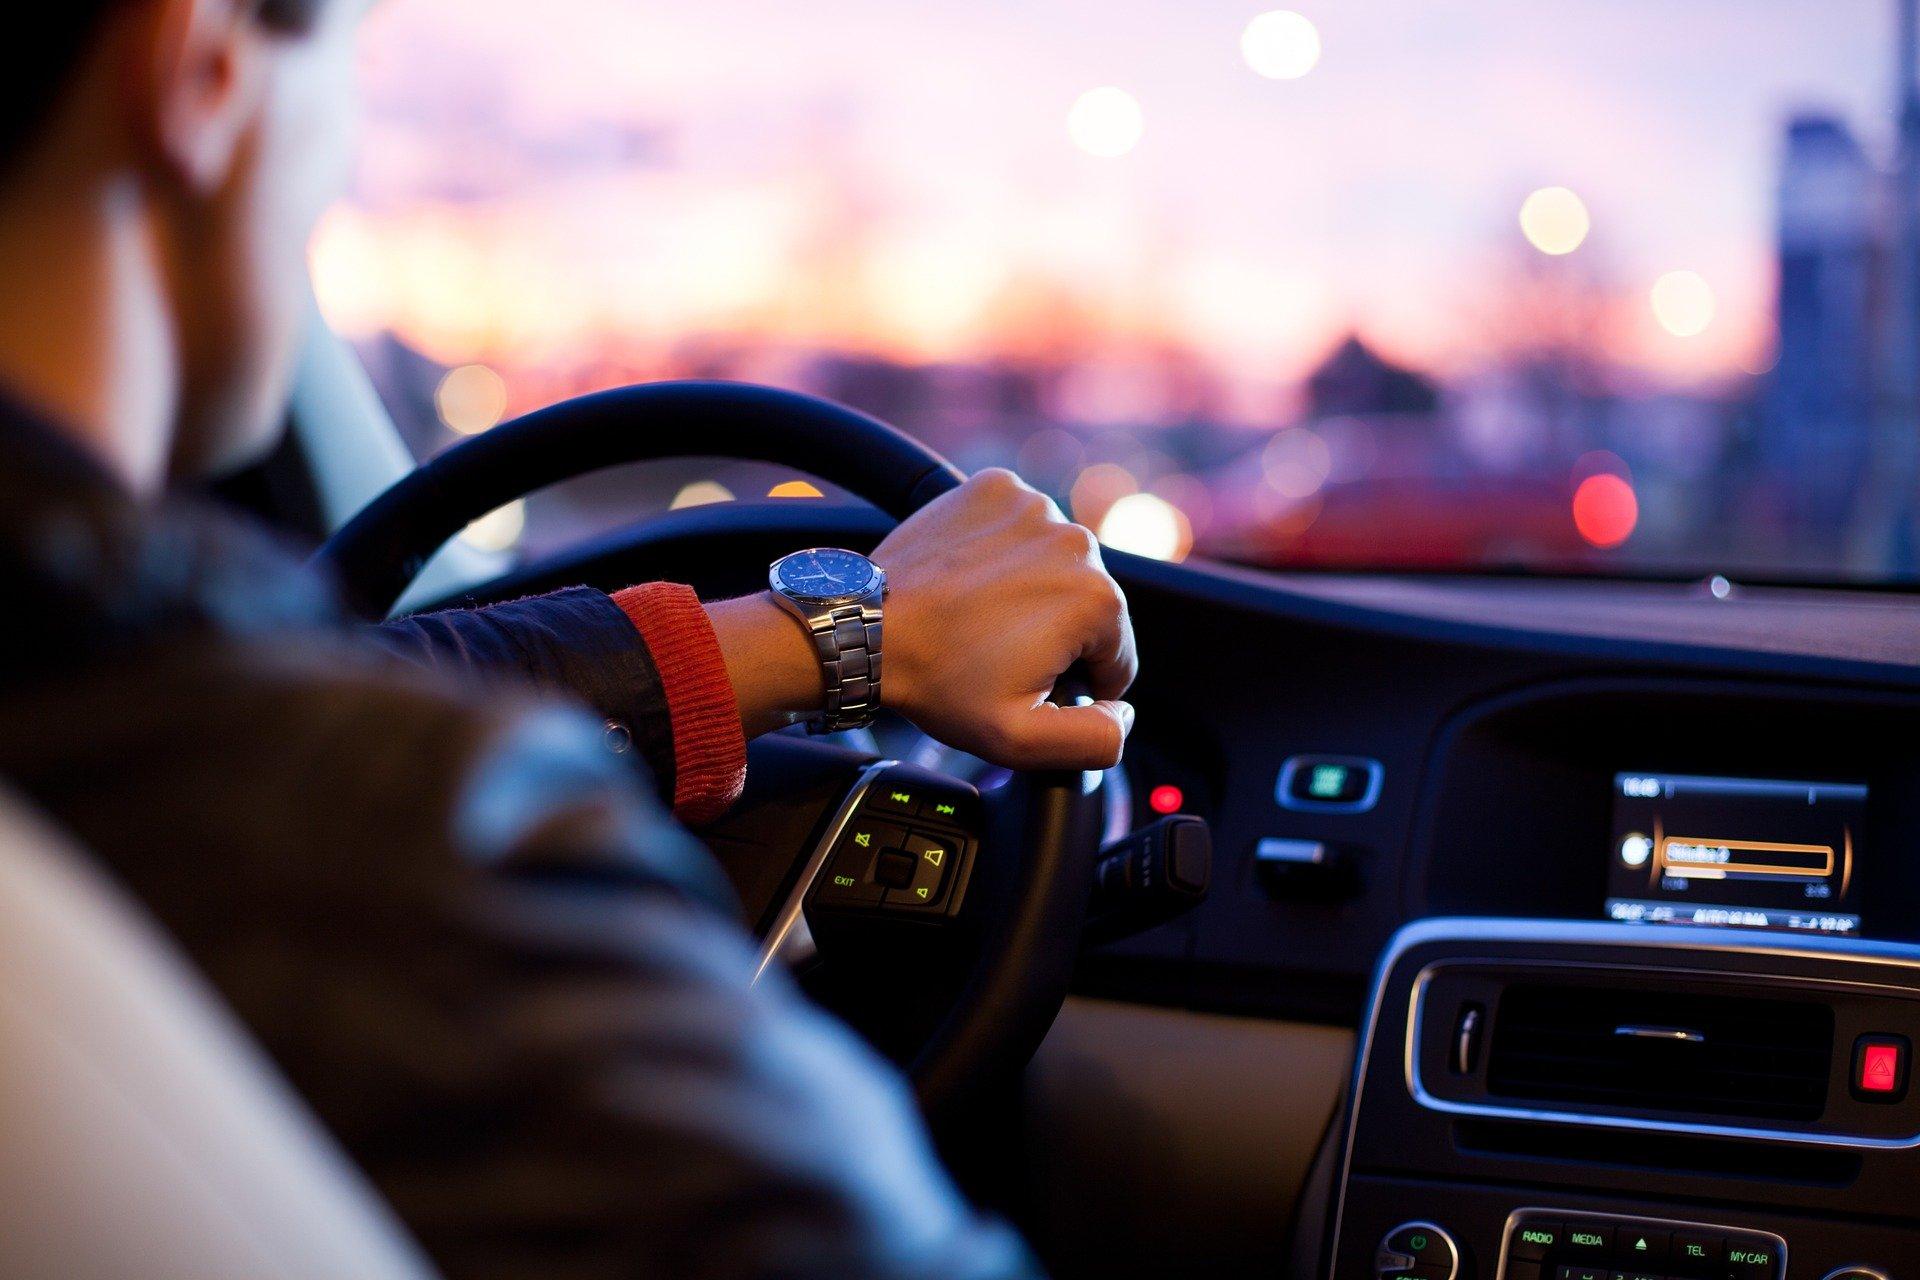 カーリースで後悔しないために実践すべき5つのこと!車種・サービスの選び方を伝授